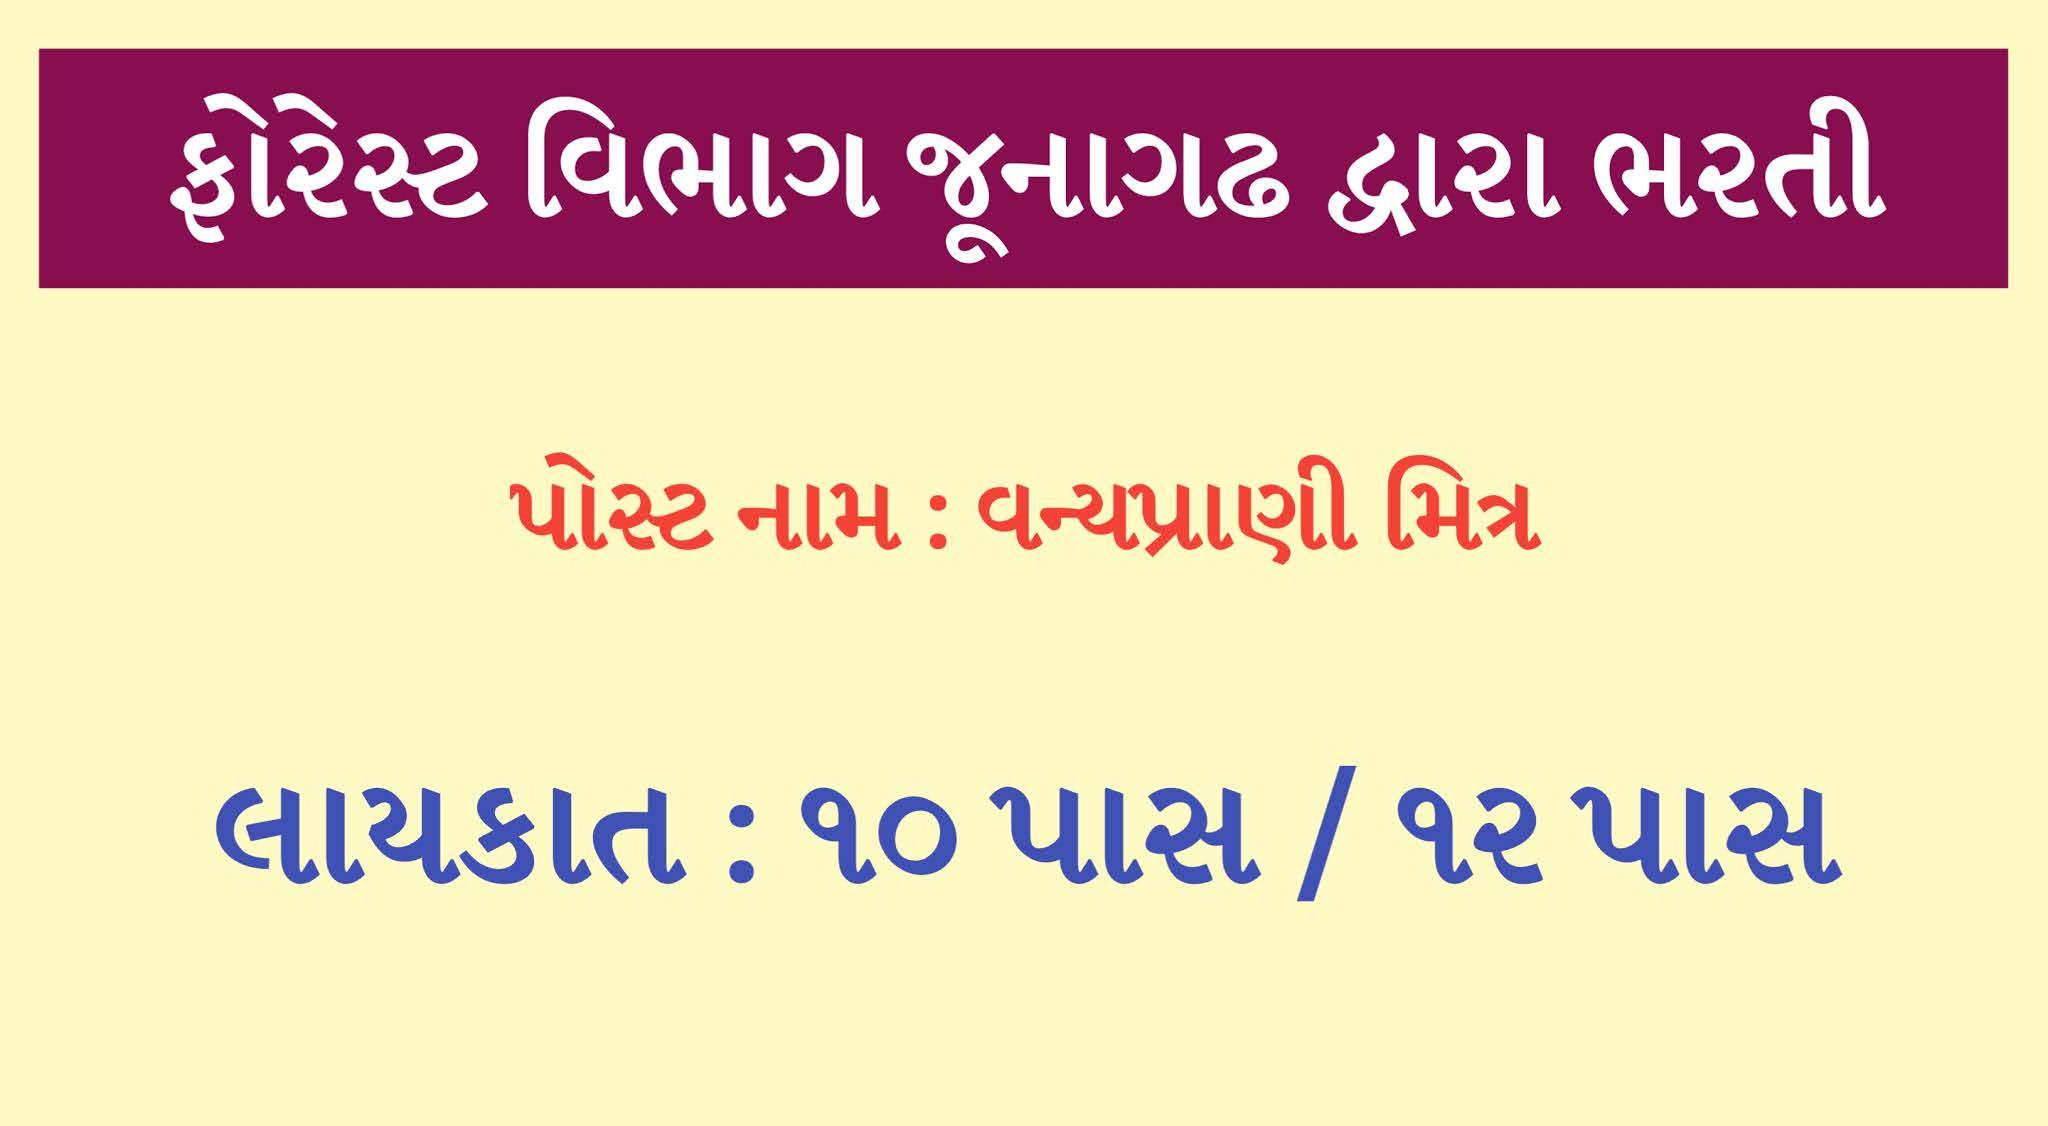 Forest Department Junagadh Recruitment 2021,Forest Department Recruitment 2021,Forest Recruitment 2021 Gujarat,